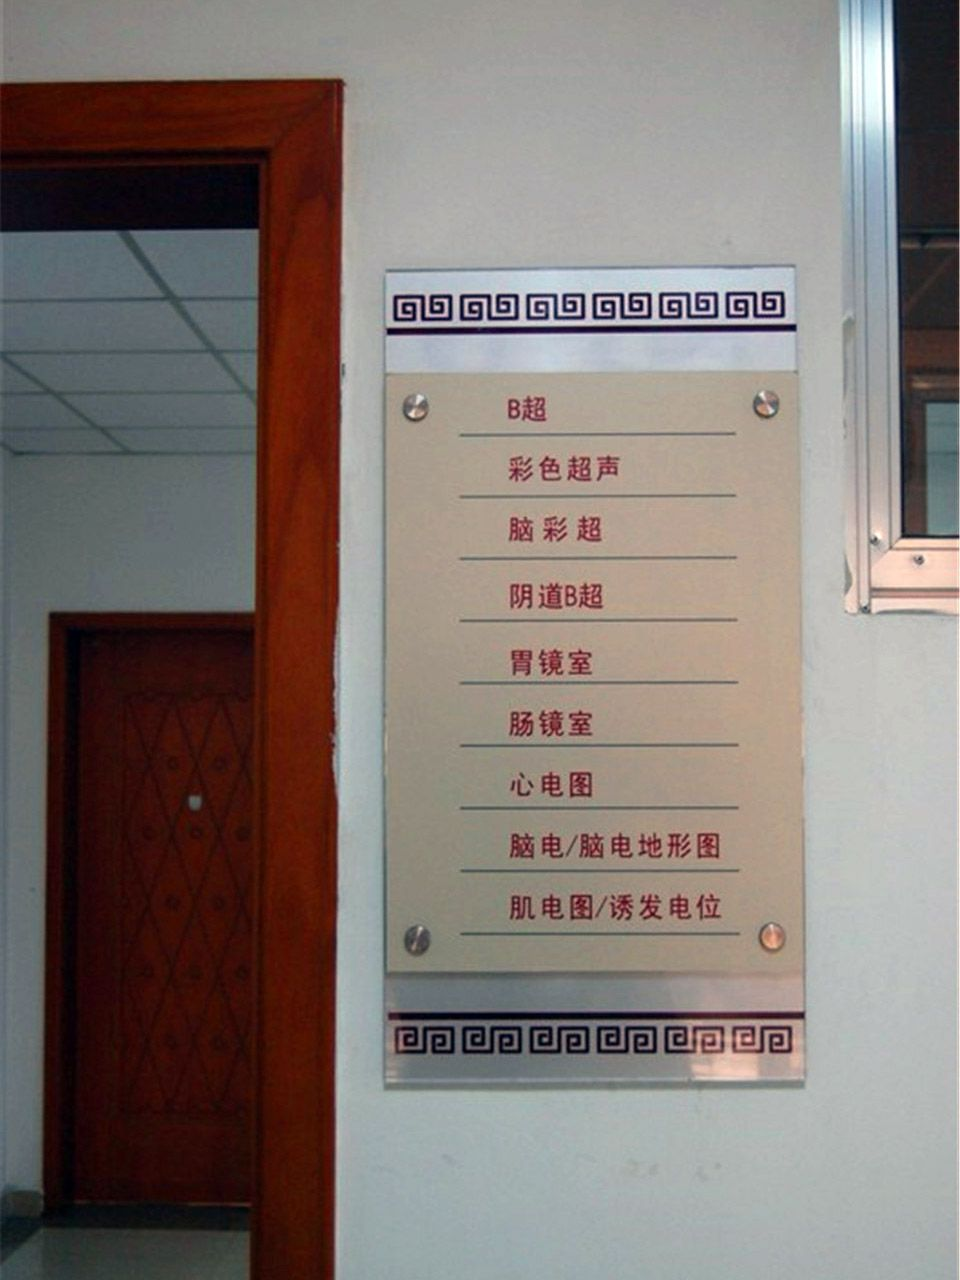 中医二院医院标识标牌系统设计制...